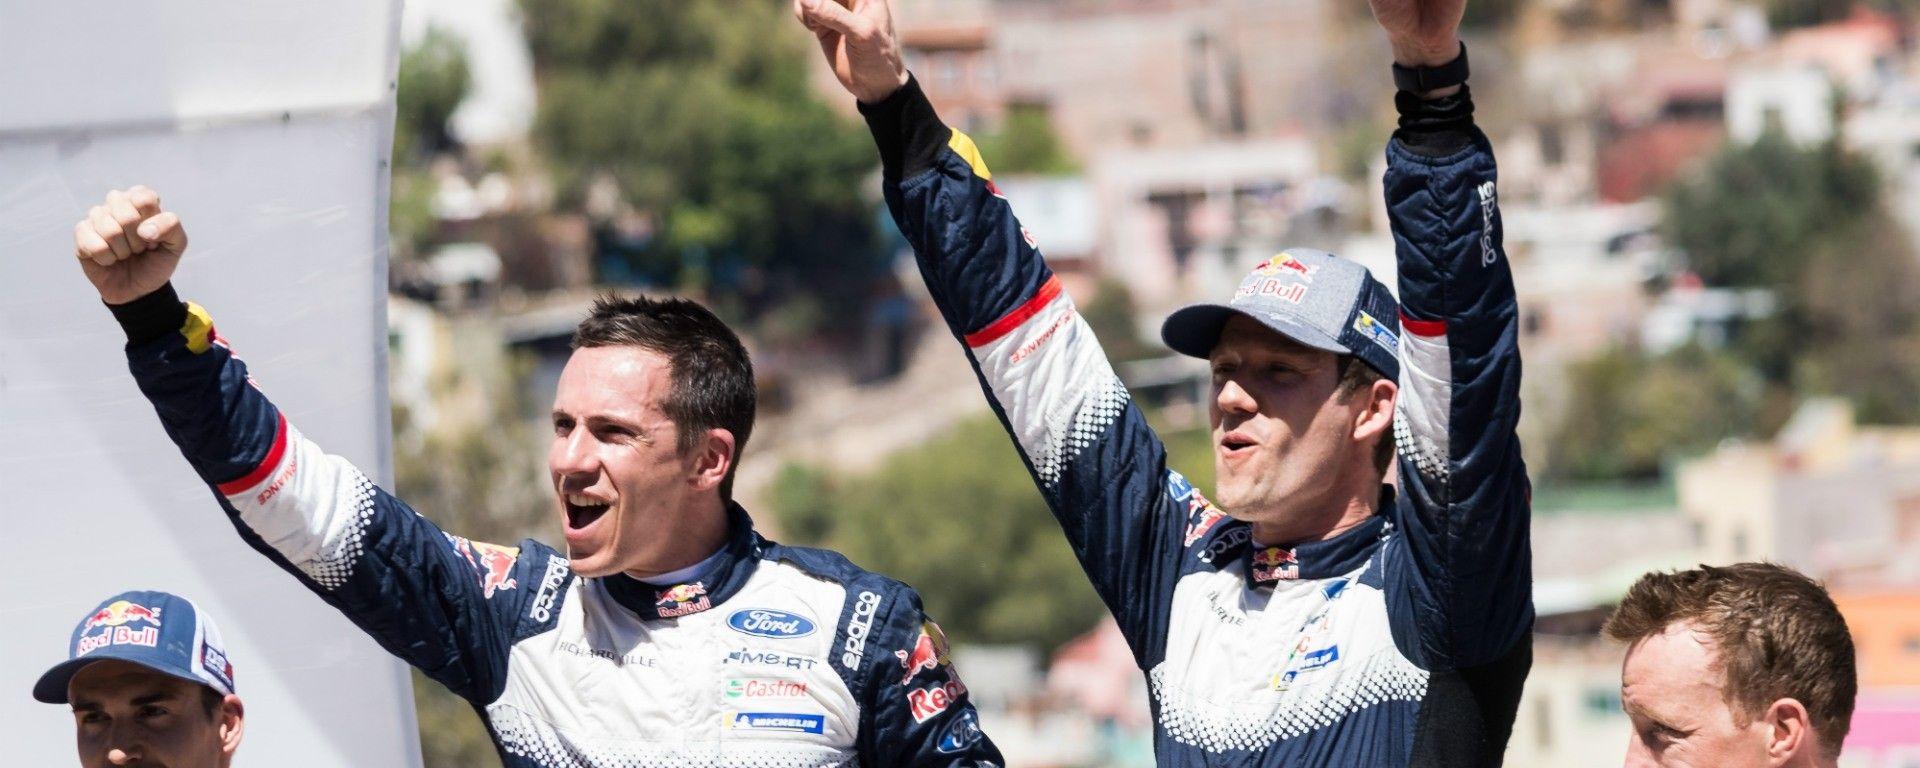 Ogier conquista il Rally del Messico 2018 con la Ford